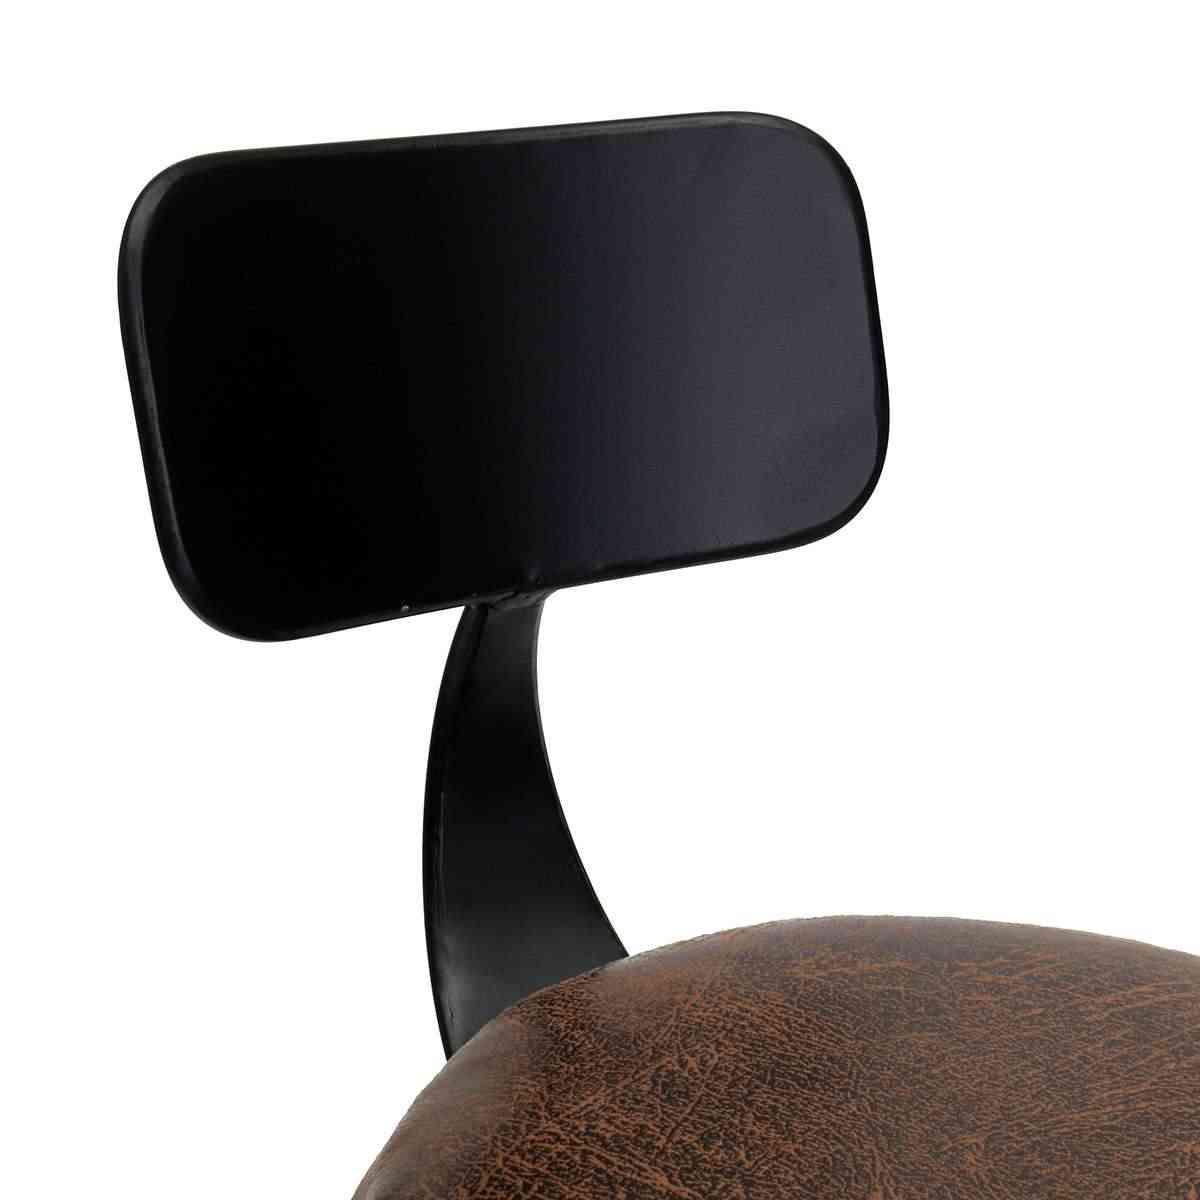 Промышленный Ретро Барный стул, кресло барный стул, железная кожа, противоскользящий, регулируемый, 360 вращается, Эргономичная спинка, барная мебель